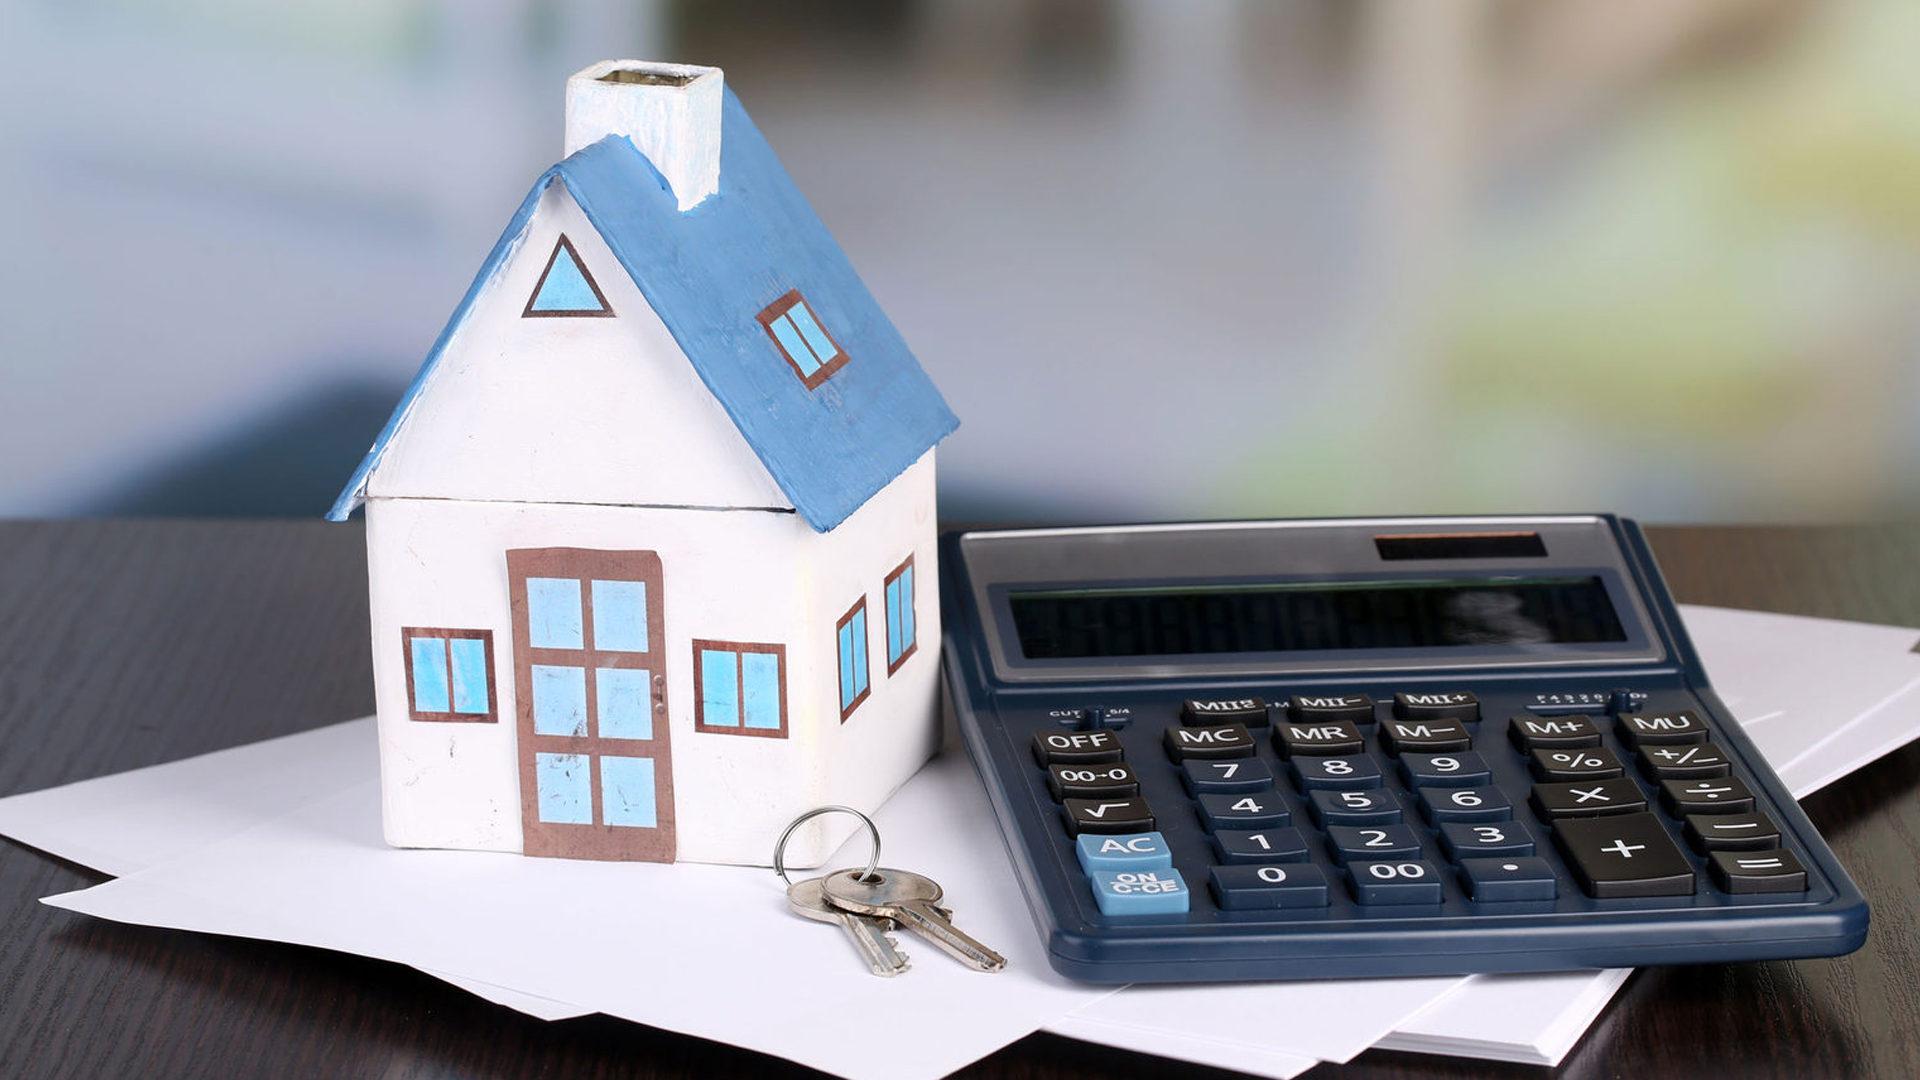 Каковы условия по кредиту под залог недвижимости? Как выбрать подходящего кредитора? Условия кредитования и основные требования со стороны кредиторов